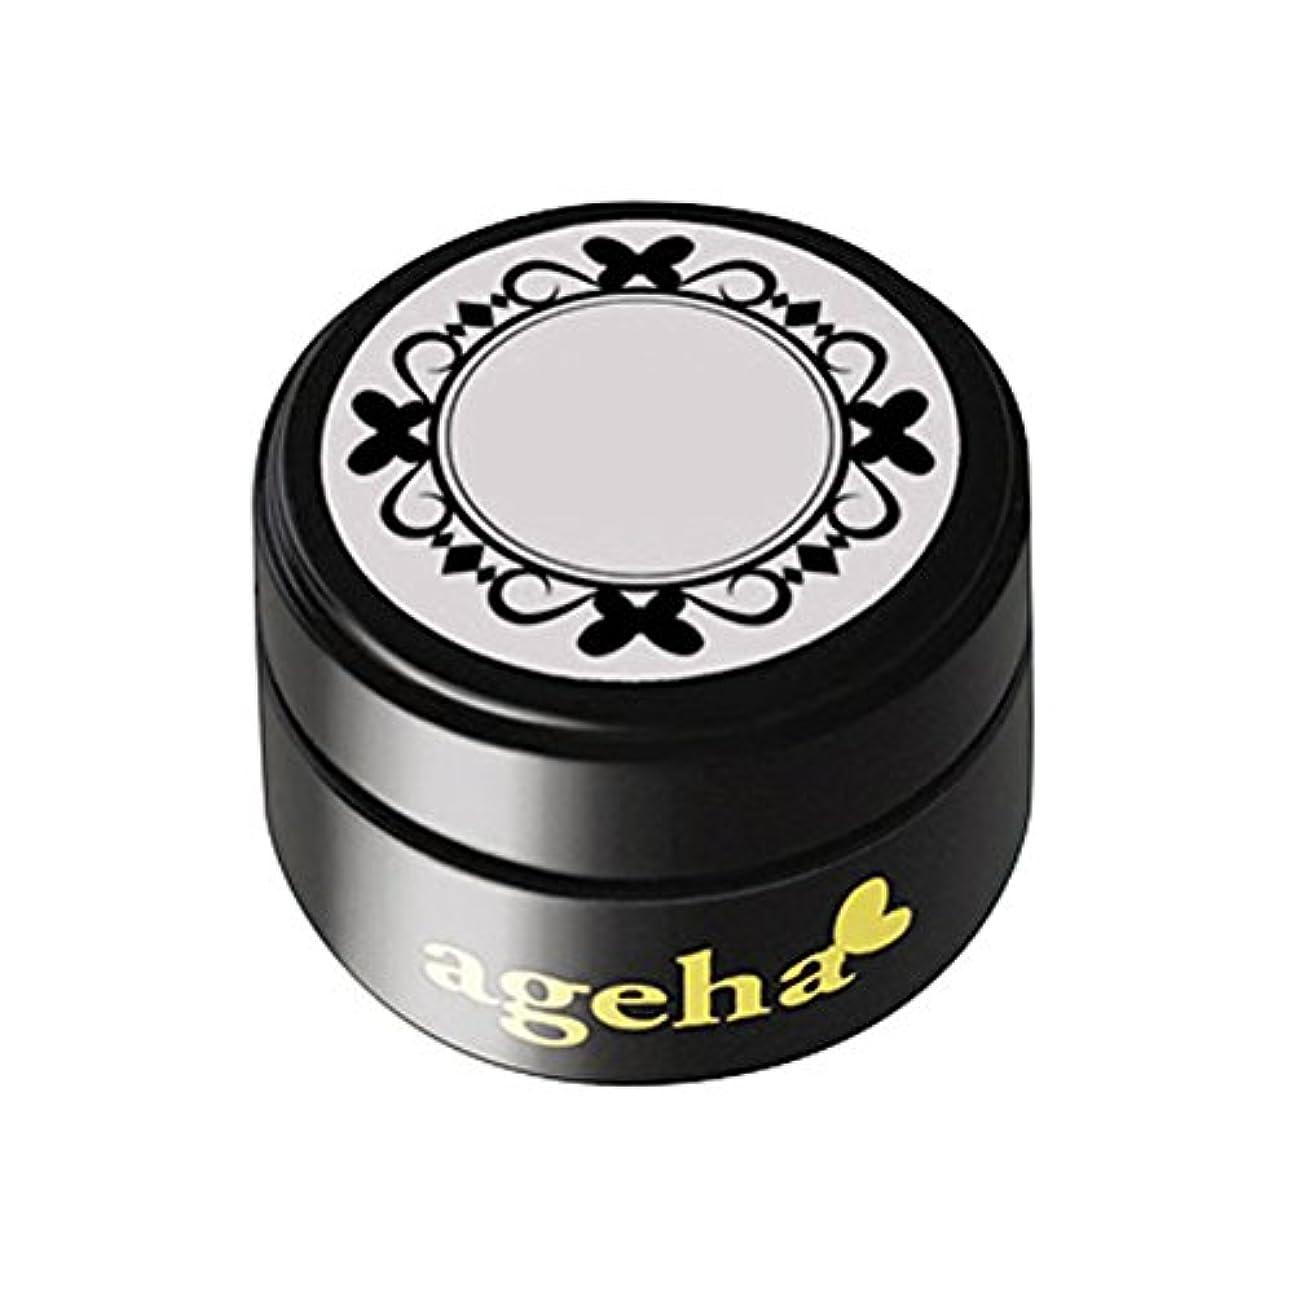 無法者衝突情報ageha gel カラージェル コスメカラー 218 キャンディーハート 2.7g UV/LED対応